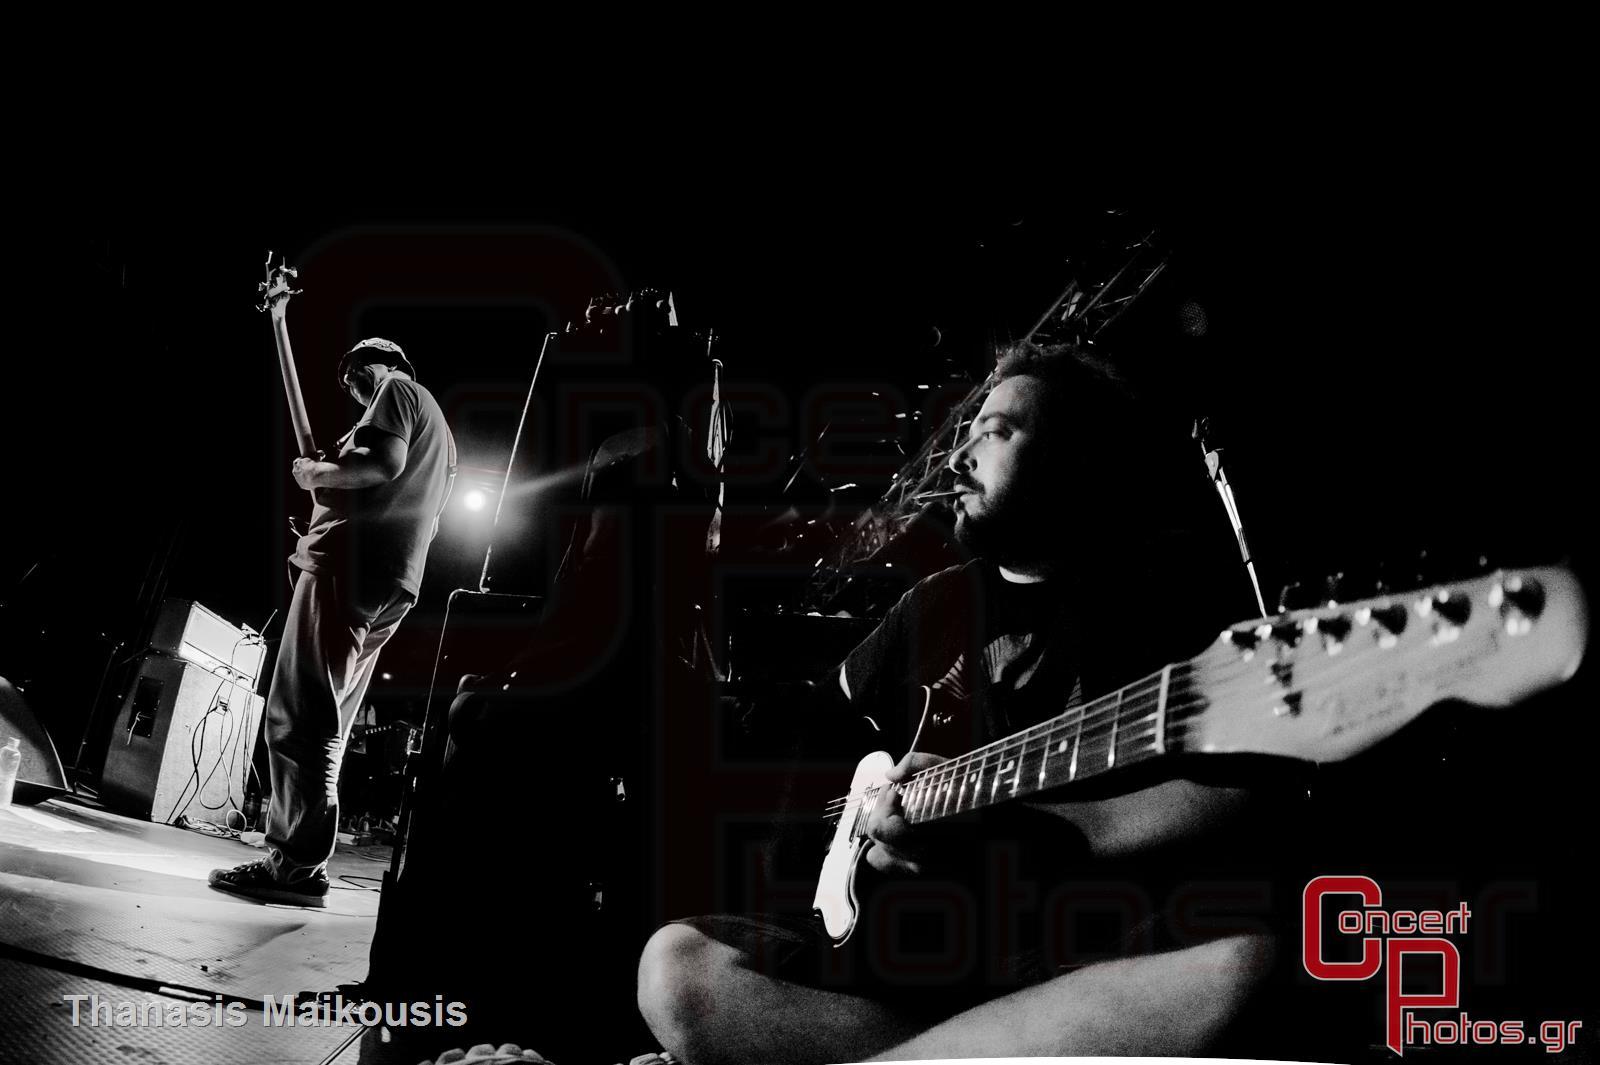 Locomondo-Locomondo 2013 Bolivar photographer: Thanasis Maikousis - concertphotos_-6445